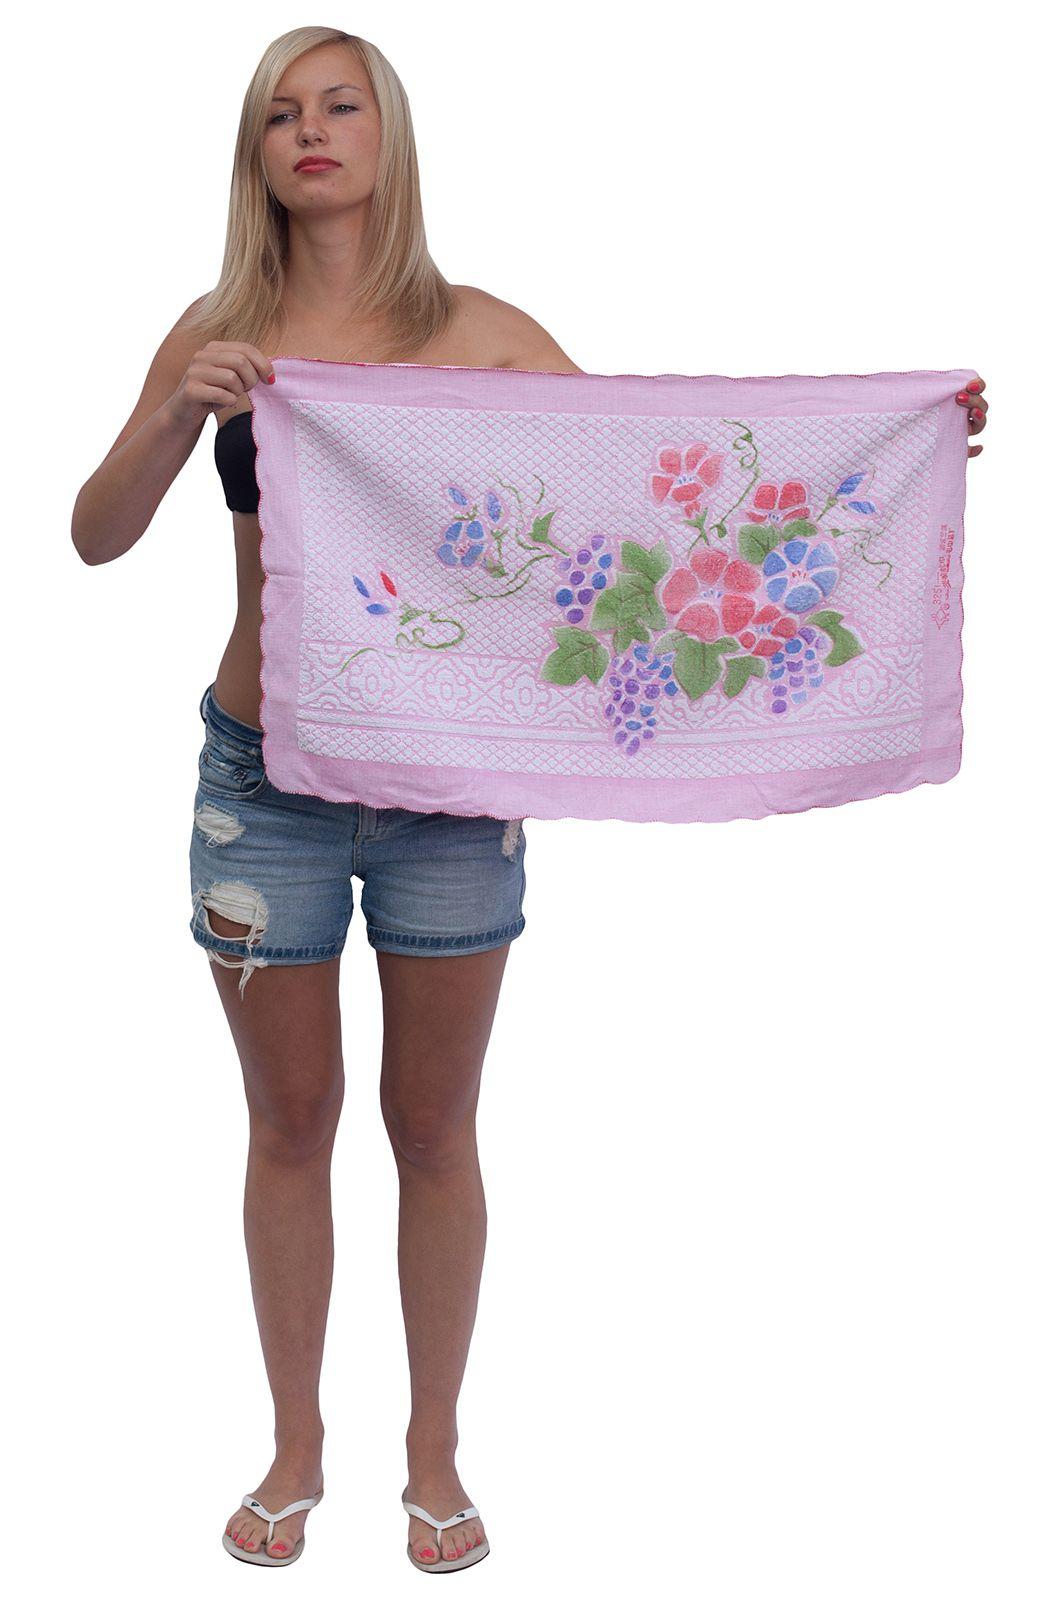 Полотенце кухонное махровое - купить в интернет-магазине